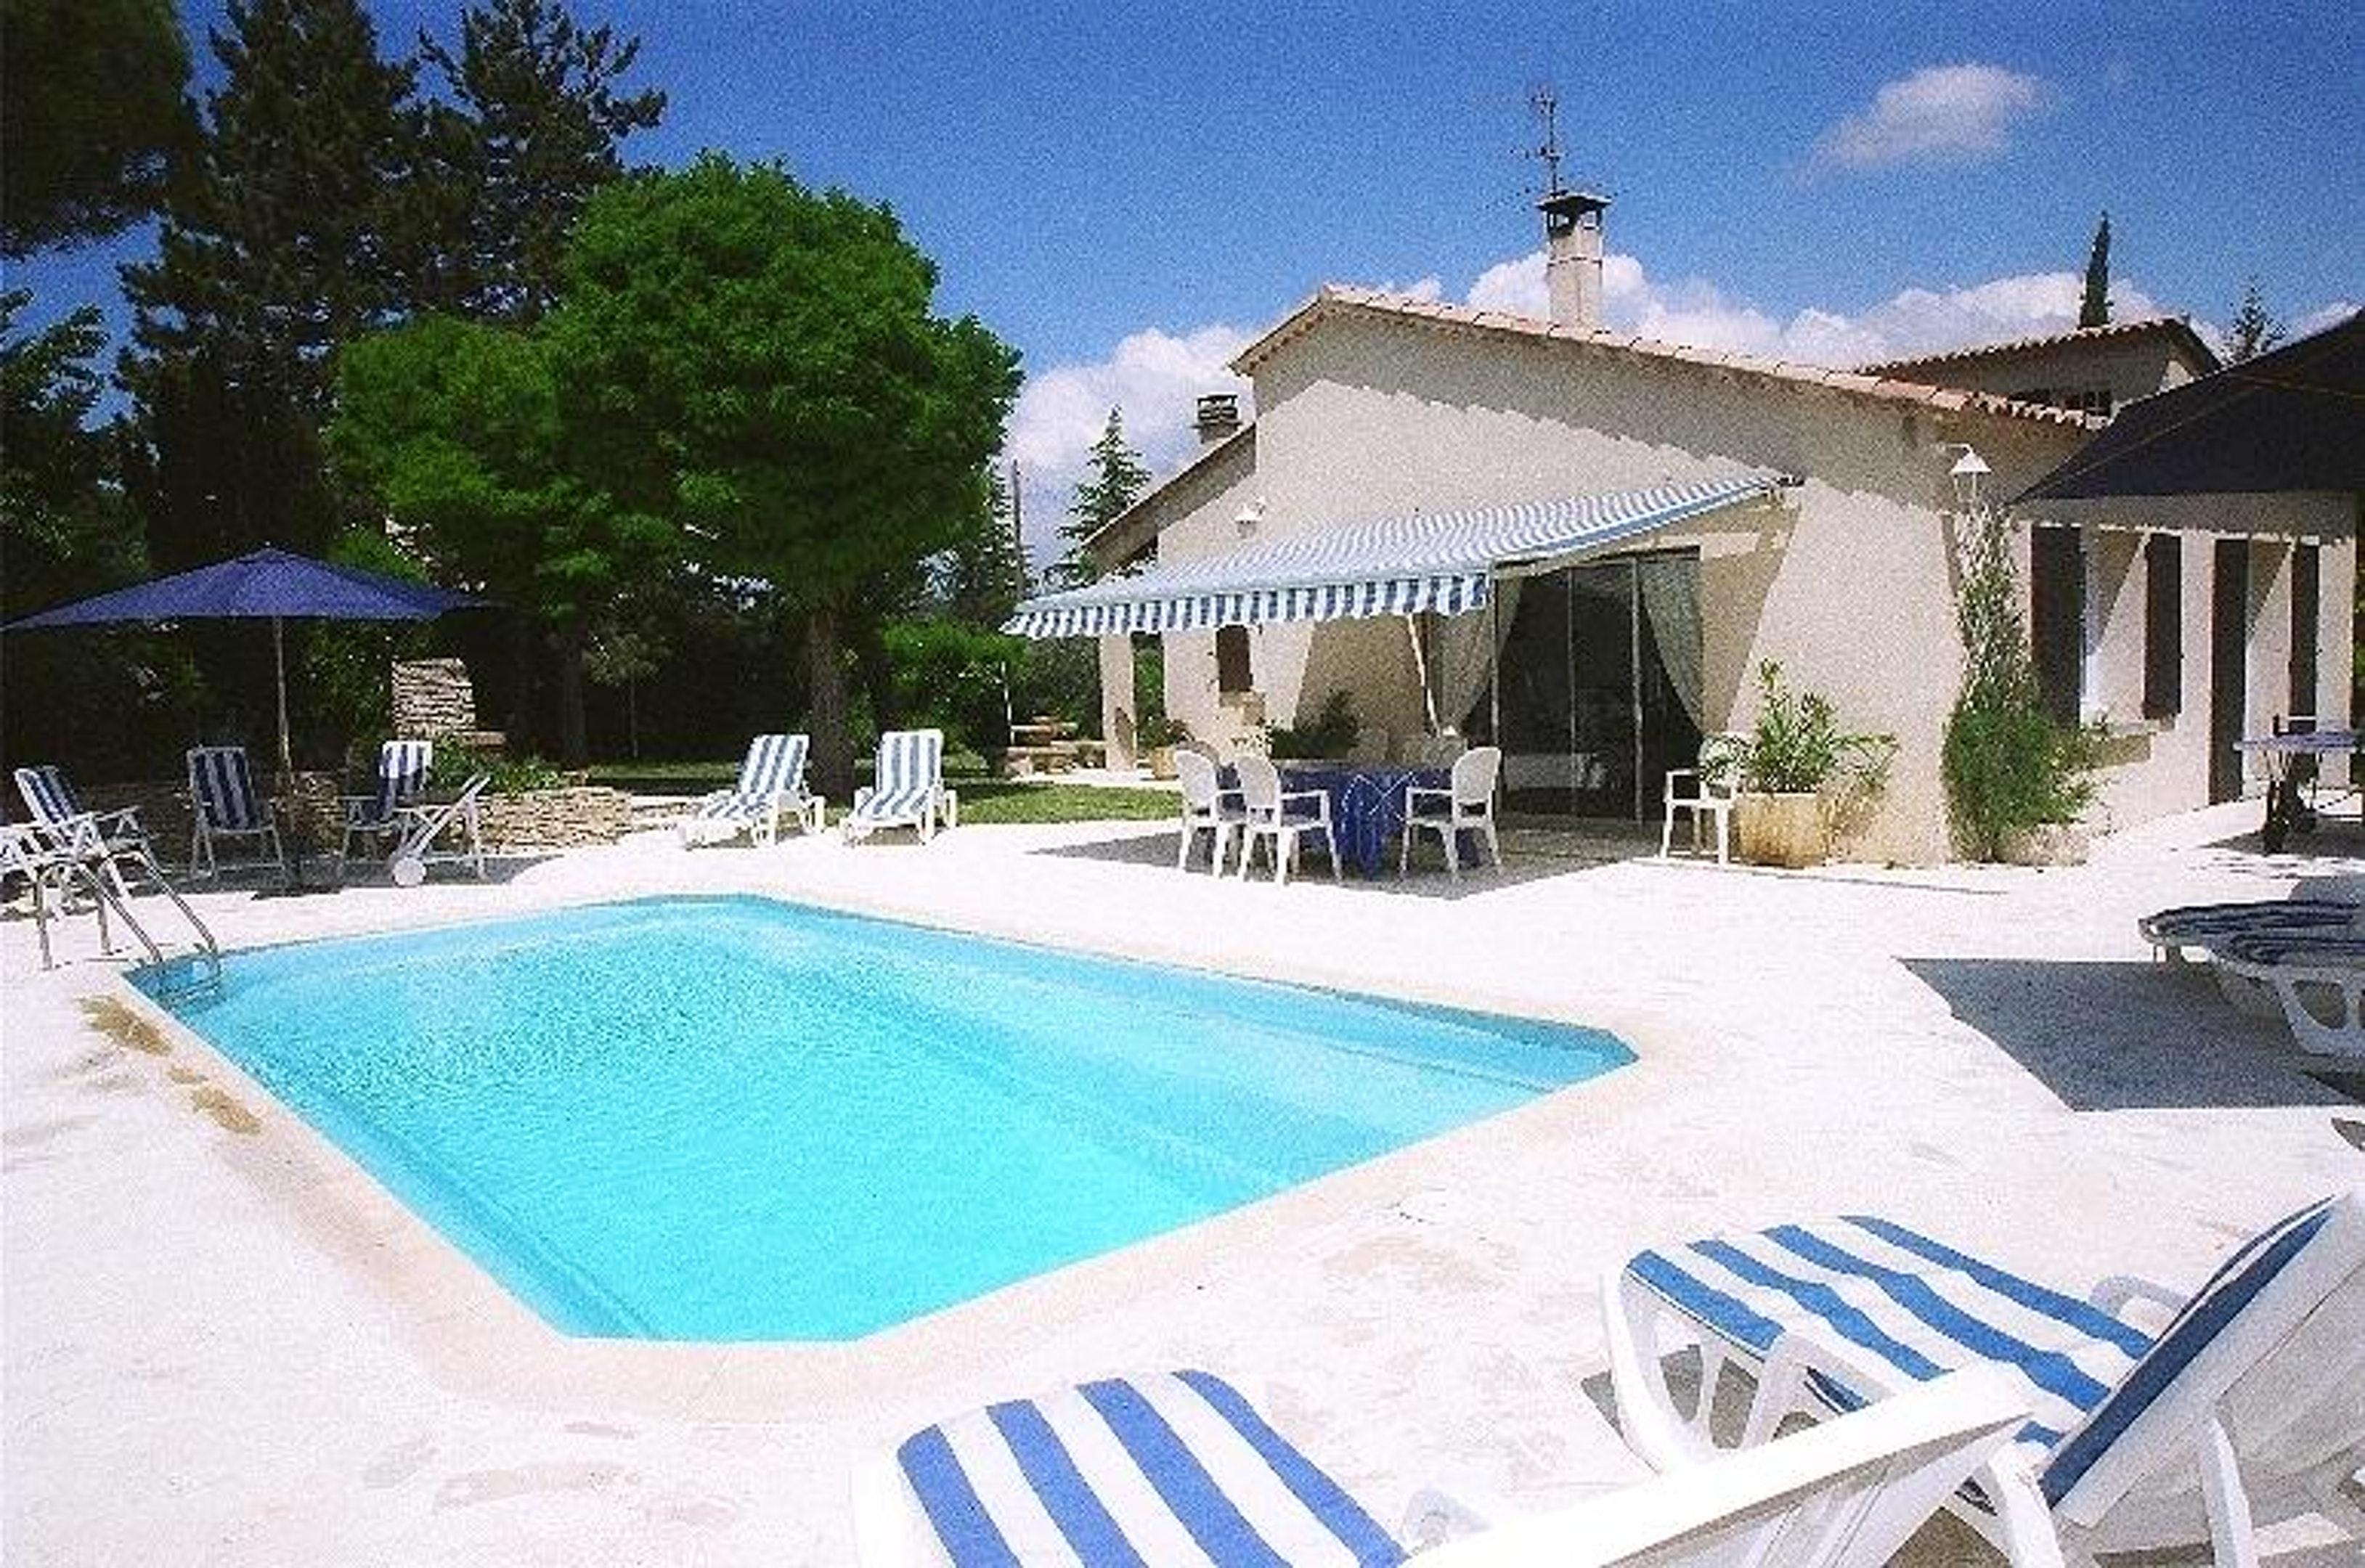 Holiday house Villa mit 3 Schlafzimmern in Céreste mit privatem Pool, eingezäuntem Garten und W-LAN - 50 (2519182), Céreste, Vaucluse, Provence - Alps - Côte d'Azur, France, picture 1